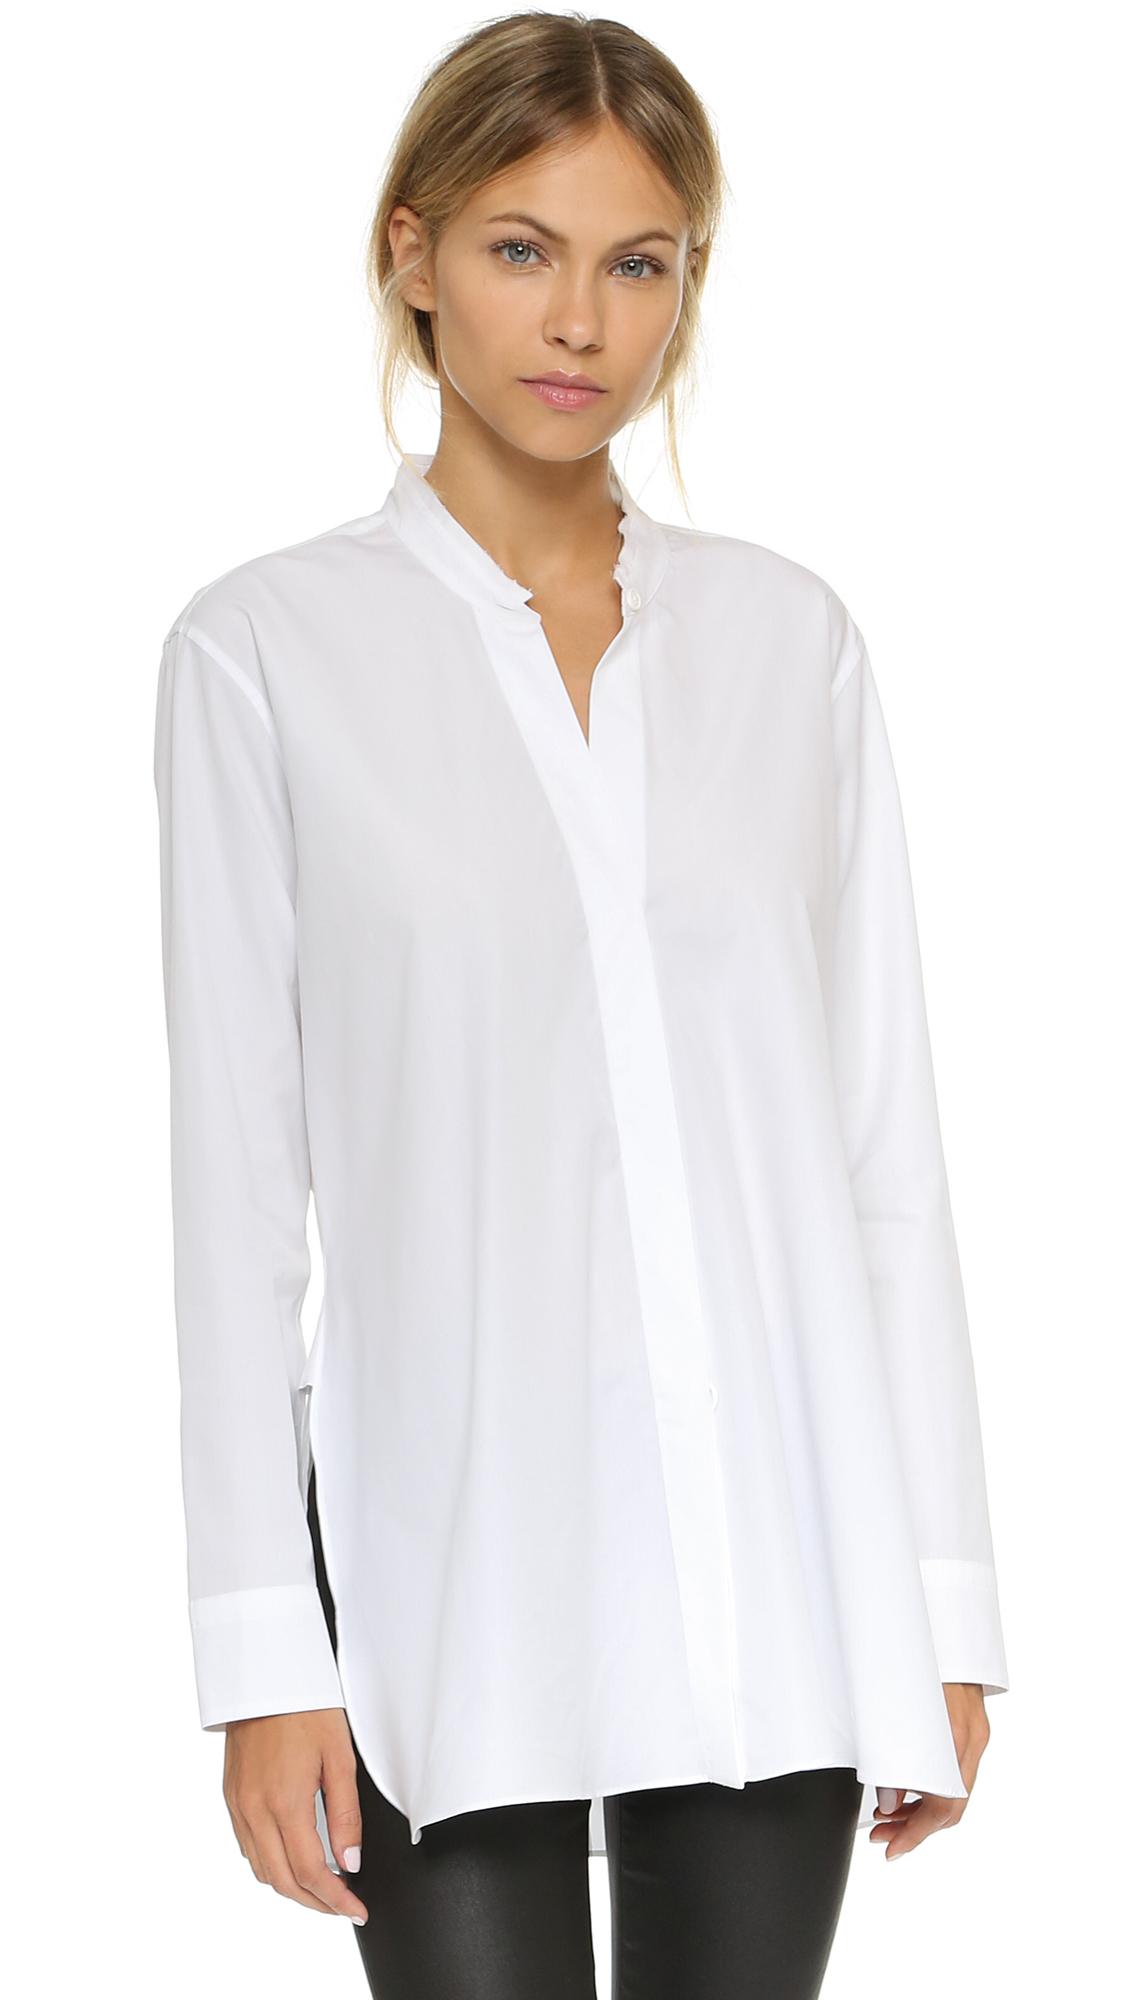 Helmut lang overlap shirt light blue in white lyst for Helmut lang tee shirts